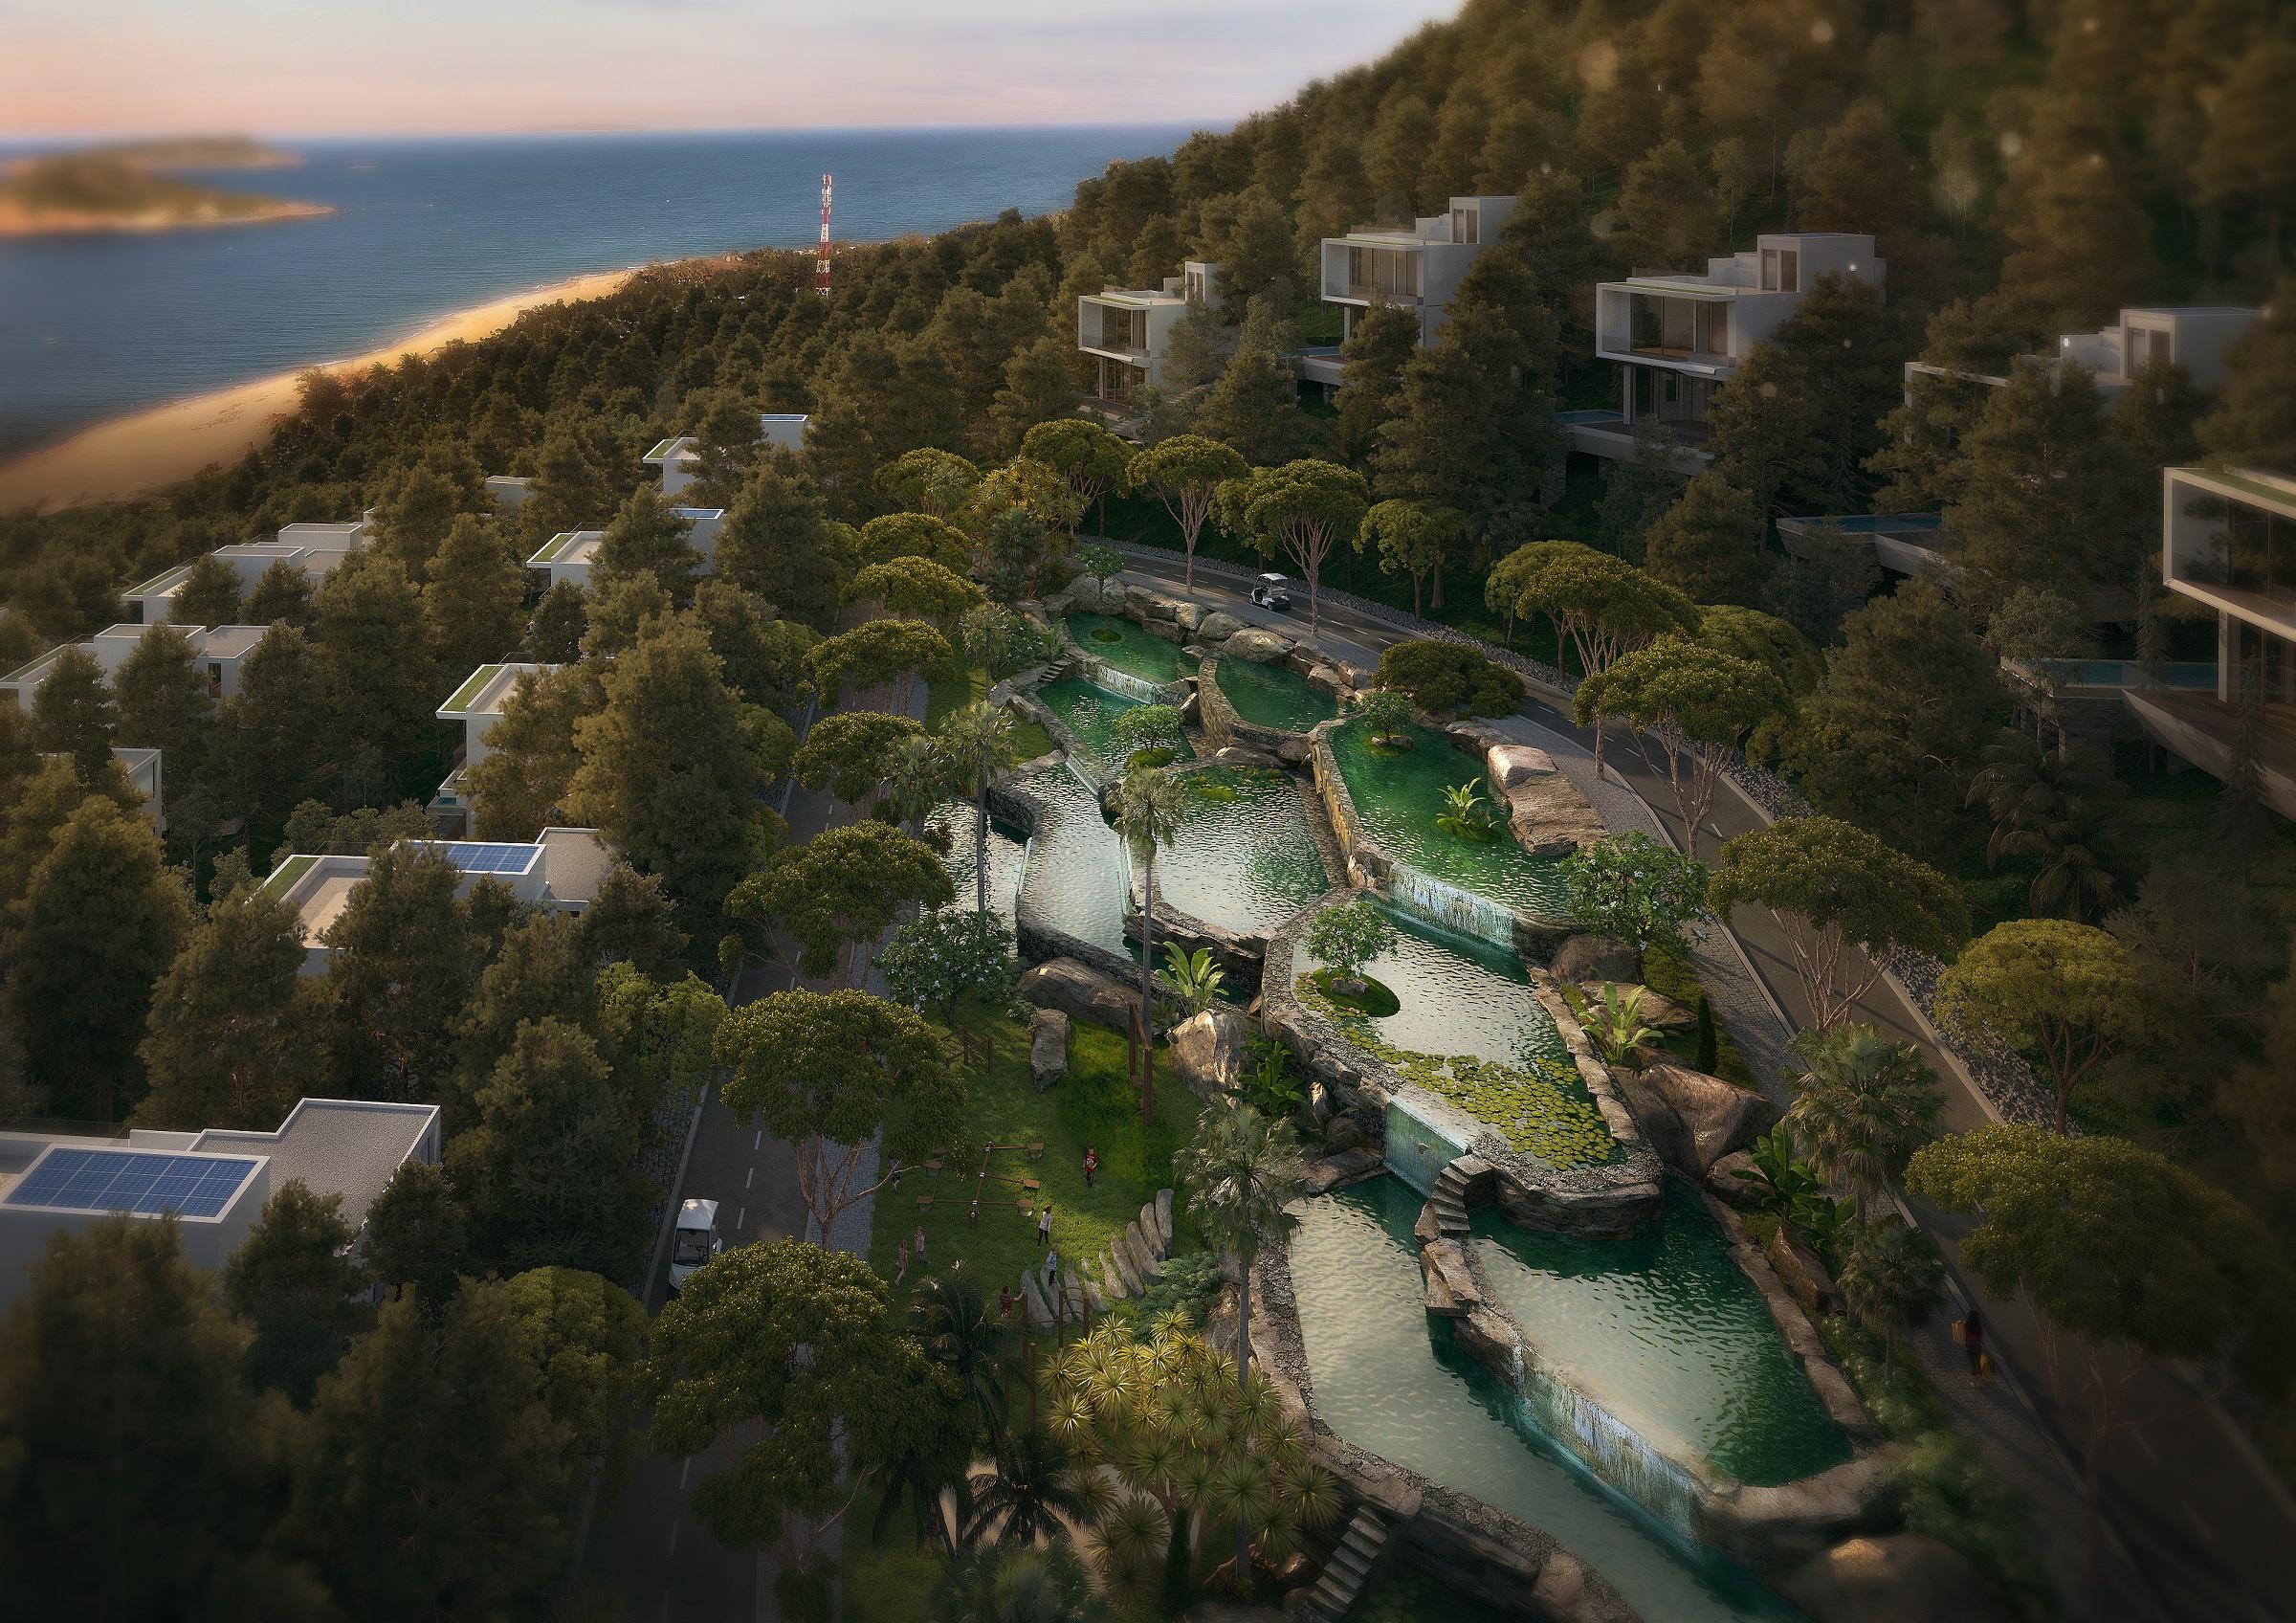 Dự án có thiết kế khác biệt, độc đáo, trải nghiệm xứng tầm quốc tế được đánh giá cao hiện nay. Ảnh phối cảnh dự án Casa Marina Premium Quy Nhơn.